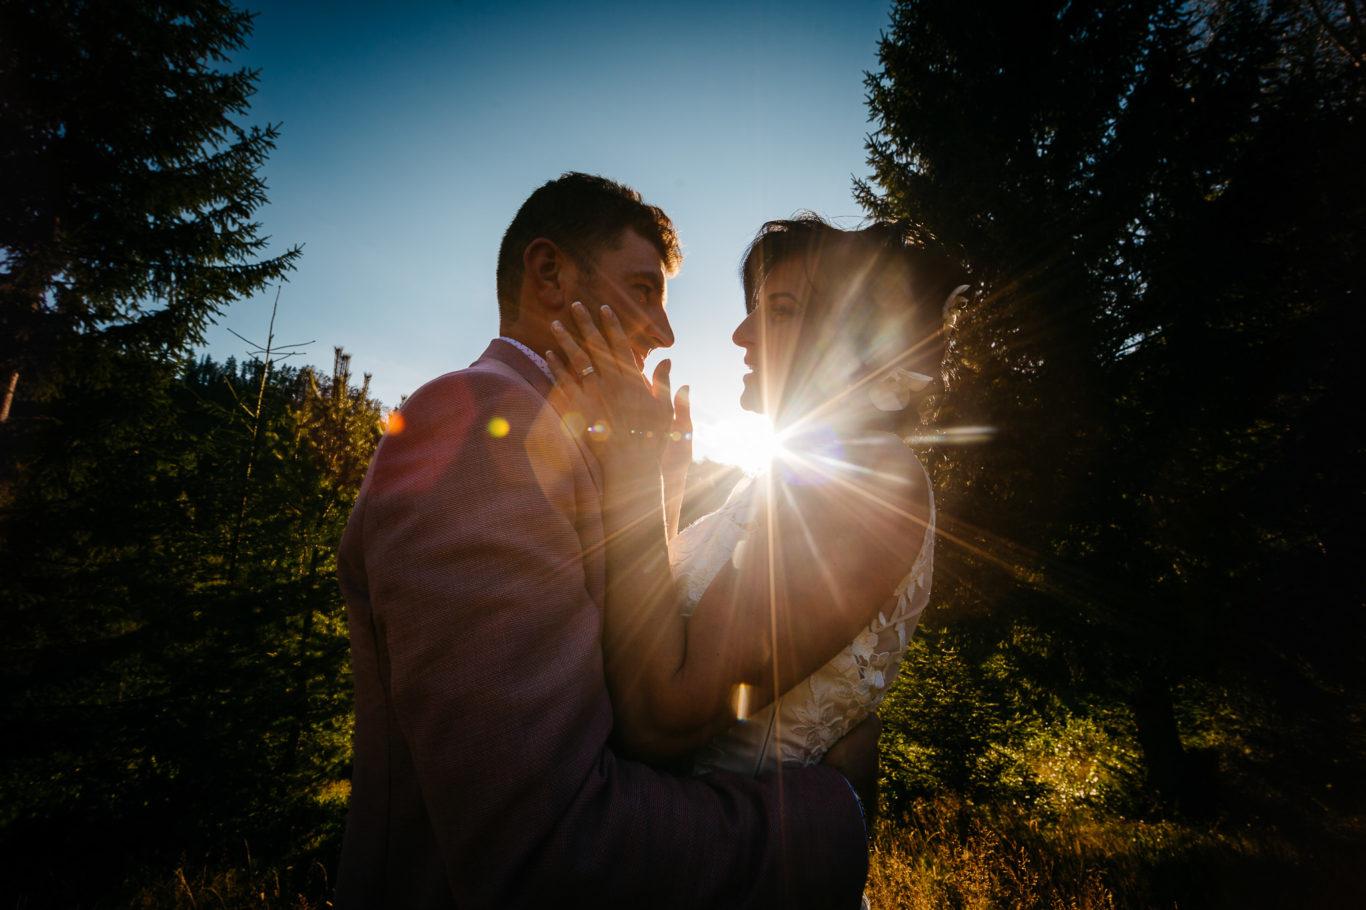 0465-fotografie-nunta-valea-de-pesti-vero-dani-fotograf-ciprian-dumitrescu-cd2_1460